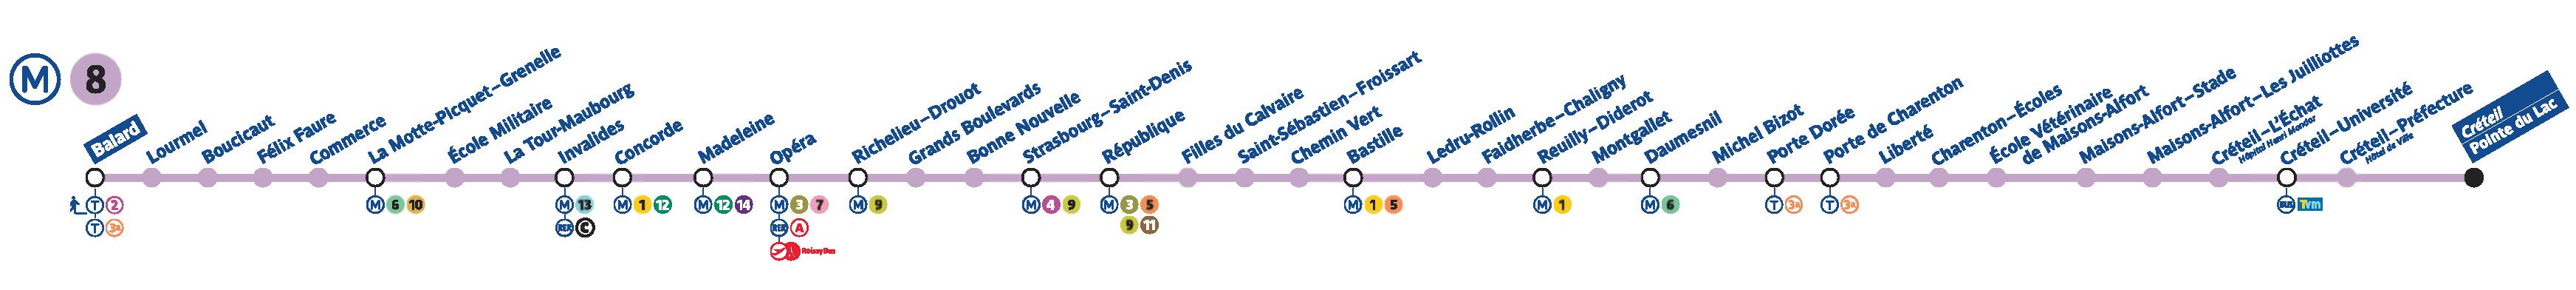 paris metro line 8